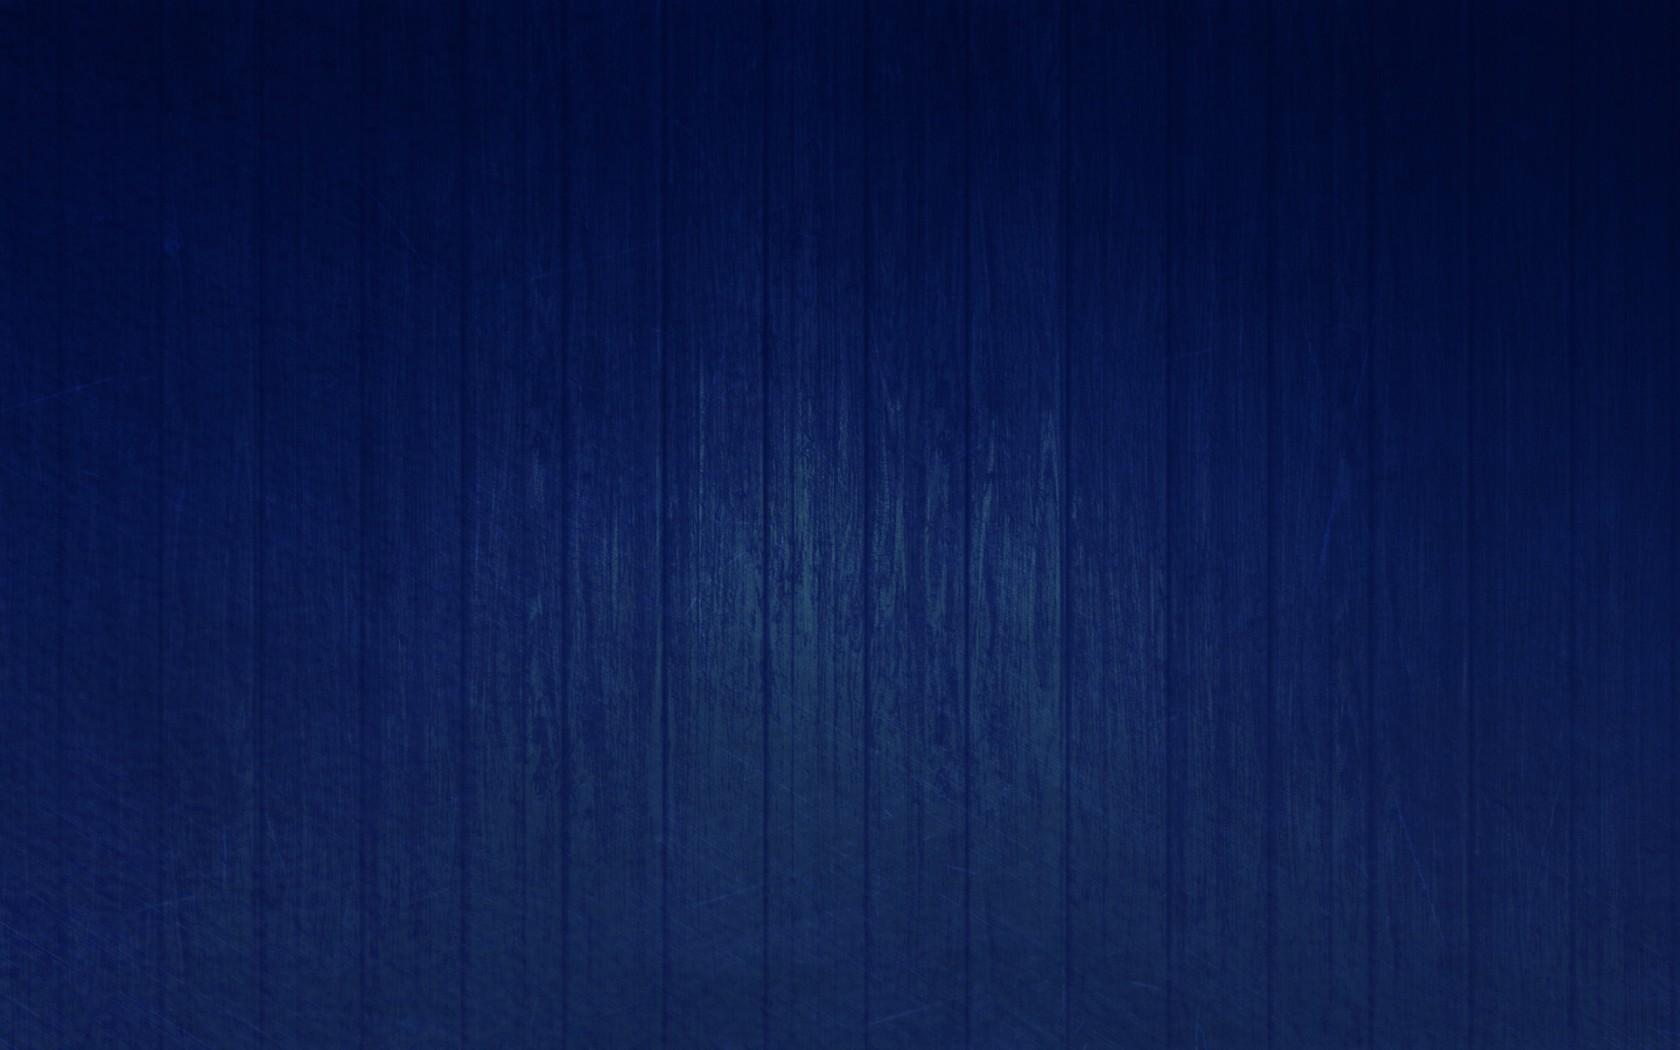 Wood Blue Wallpaper Desktop 1846 Wallpaper High 1680x1050